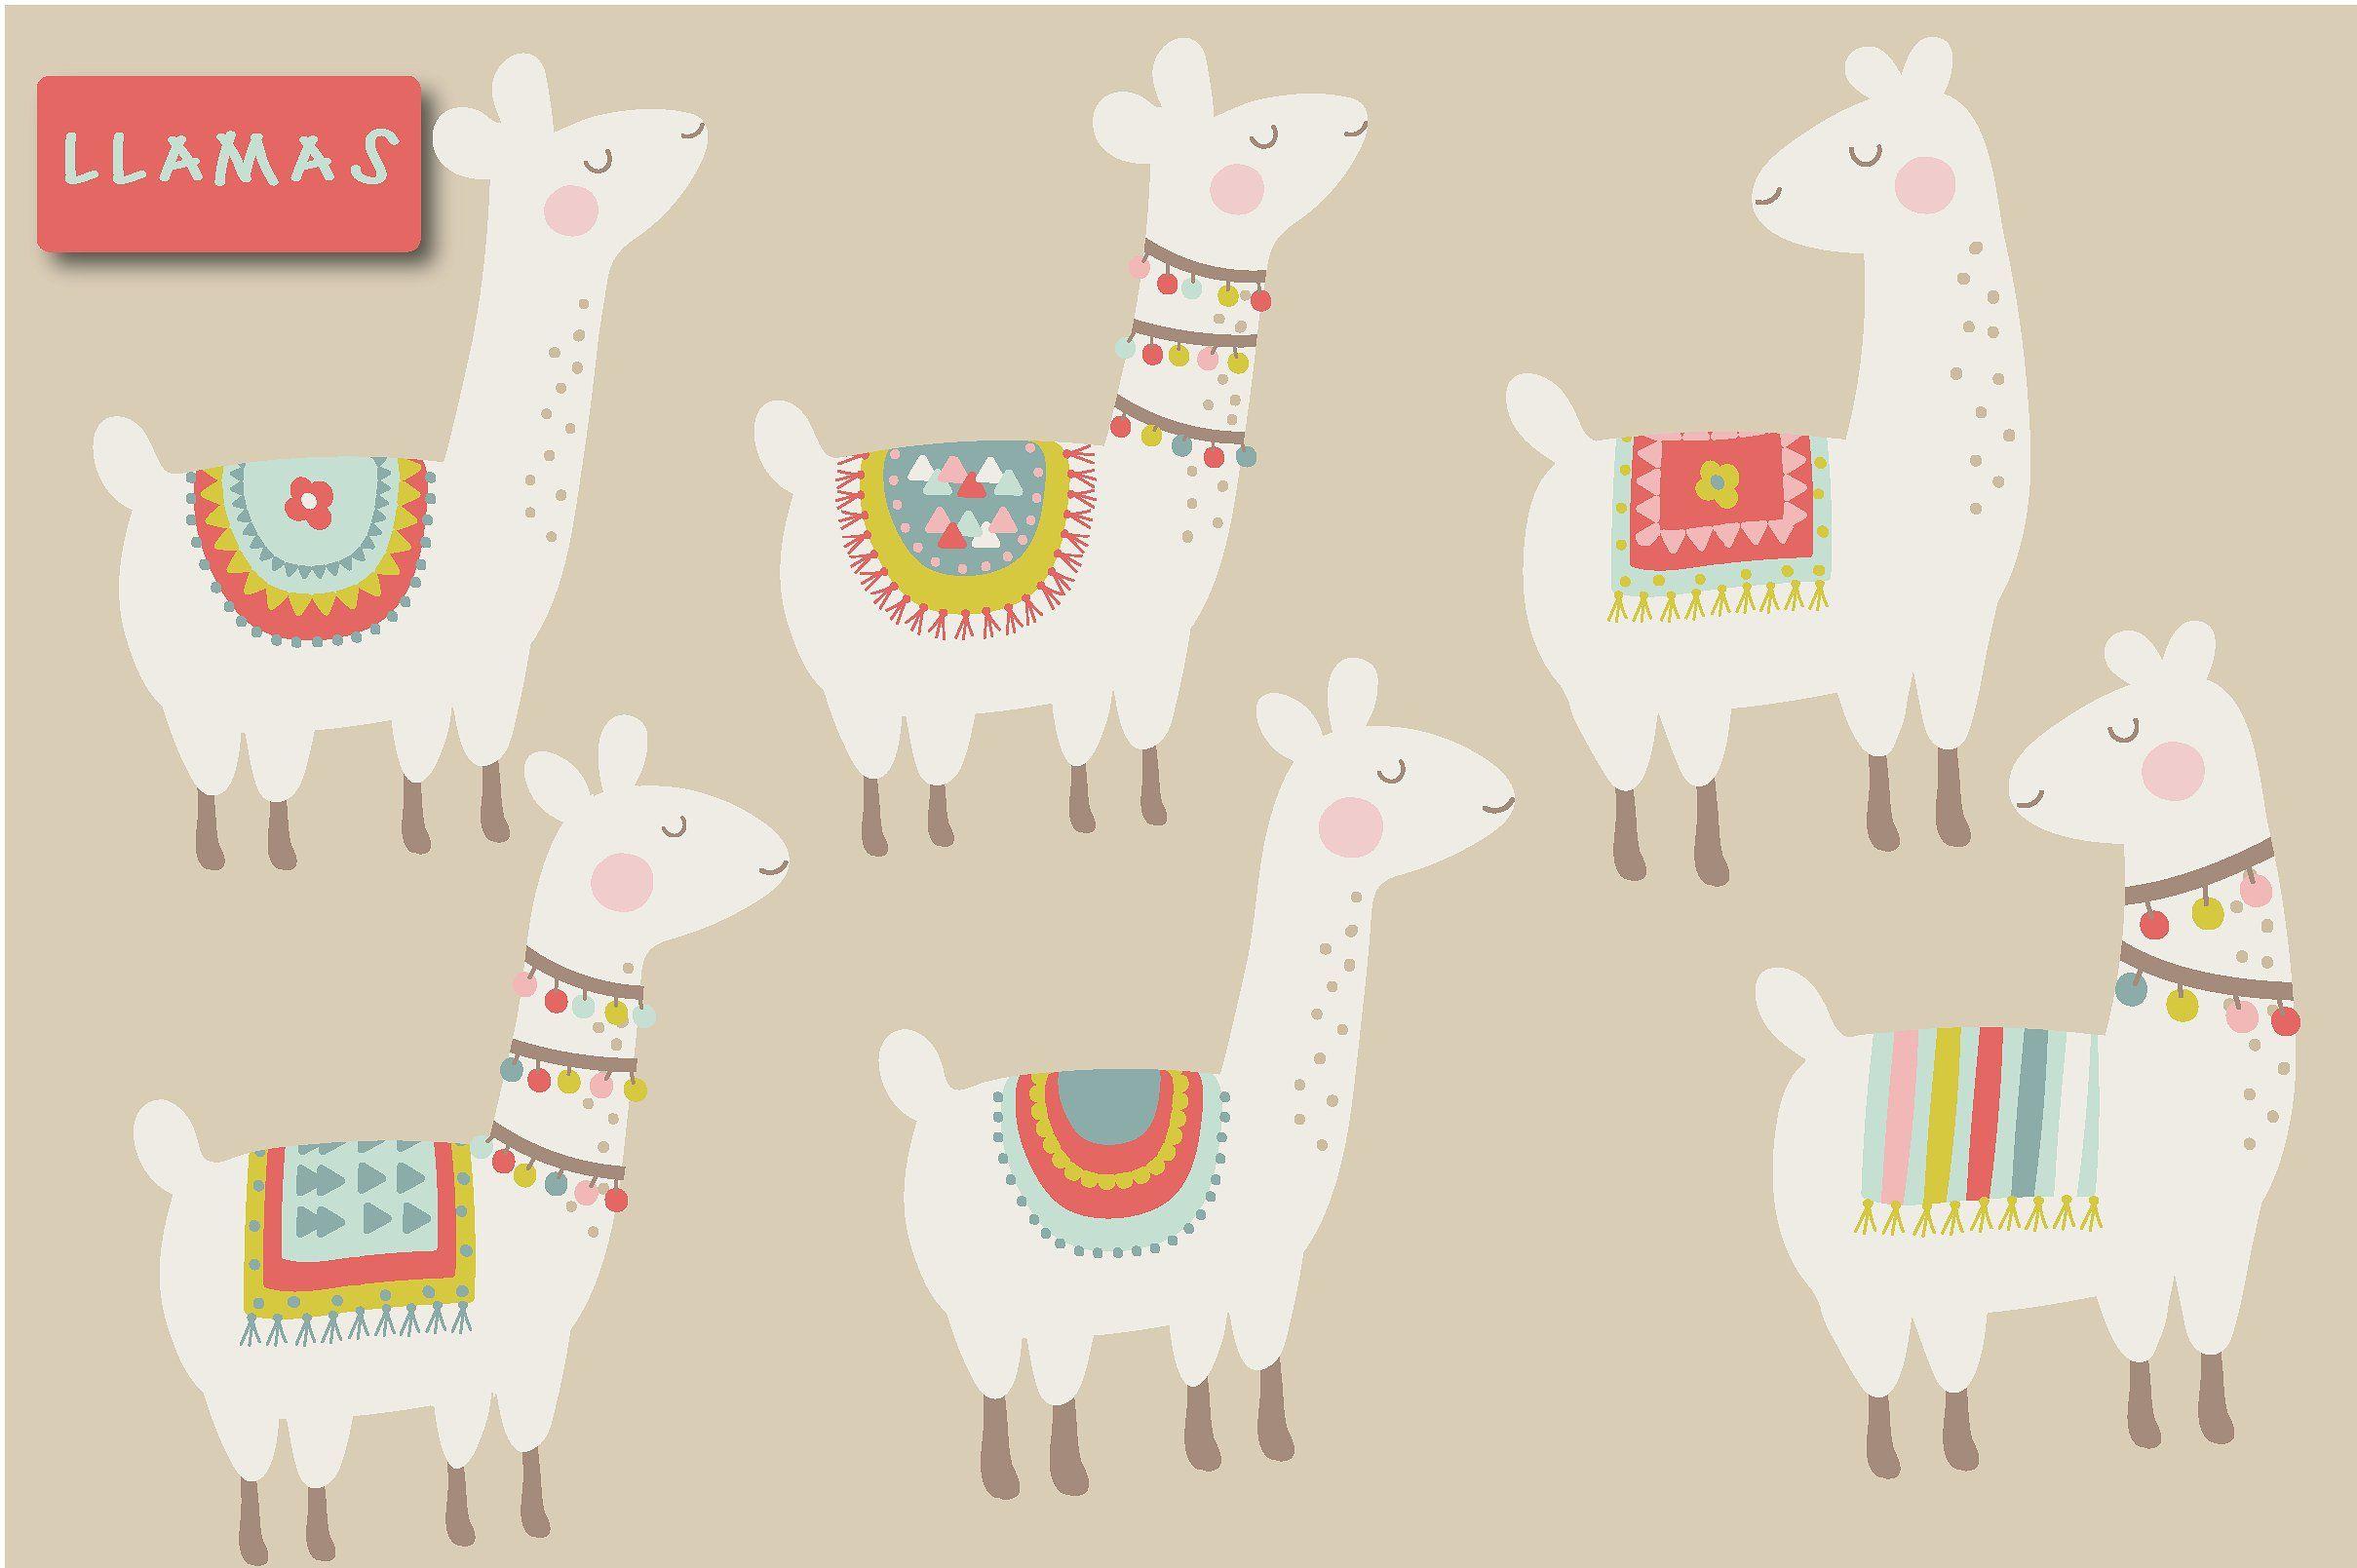 Cute llama clipart | Llama clipart, Cute llama, Llama drawing